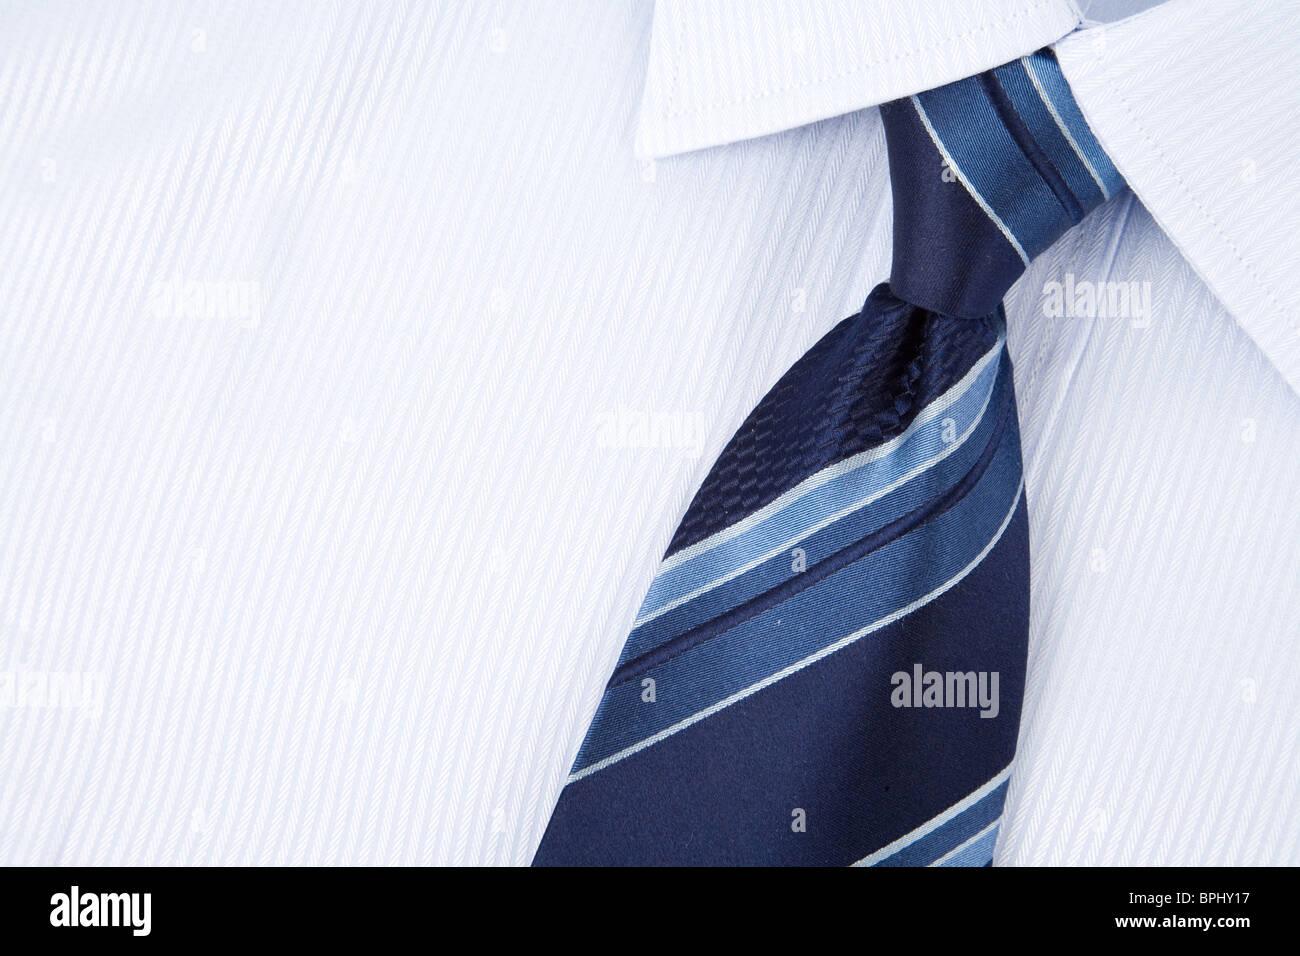 Camicia e cravatta close up shot Immagini Stock